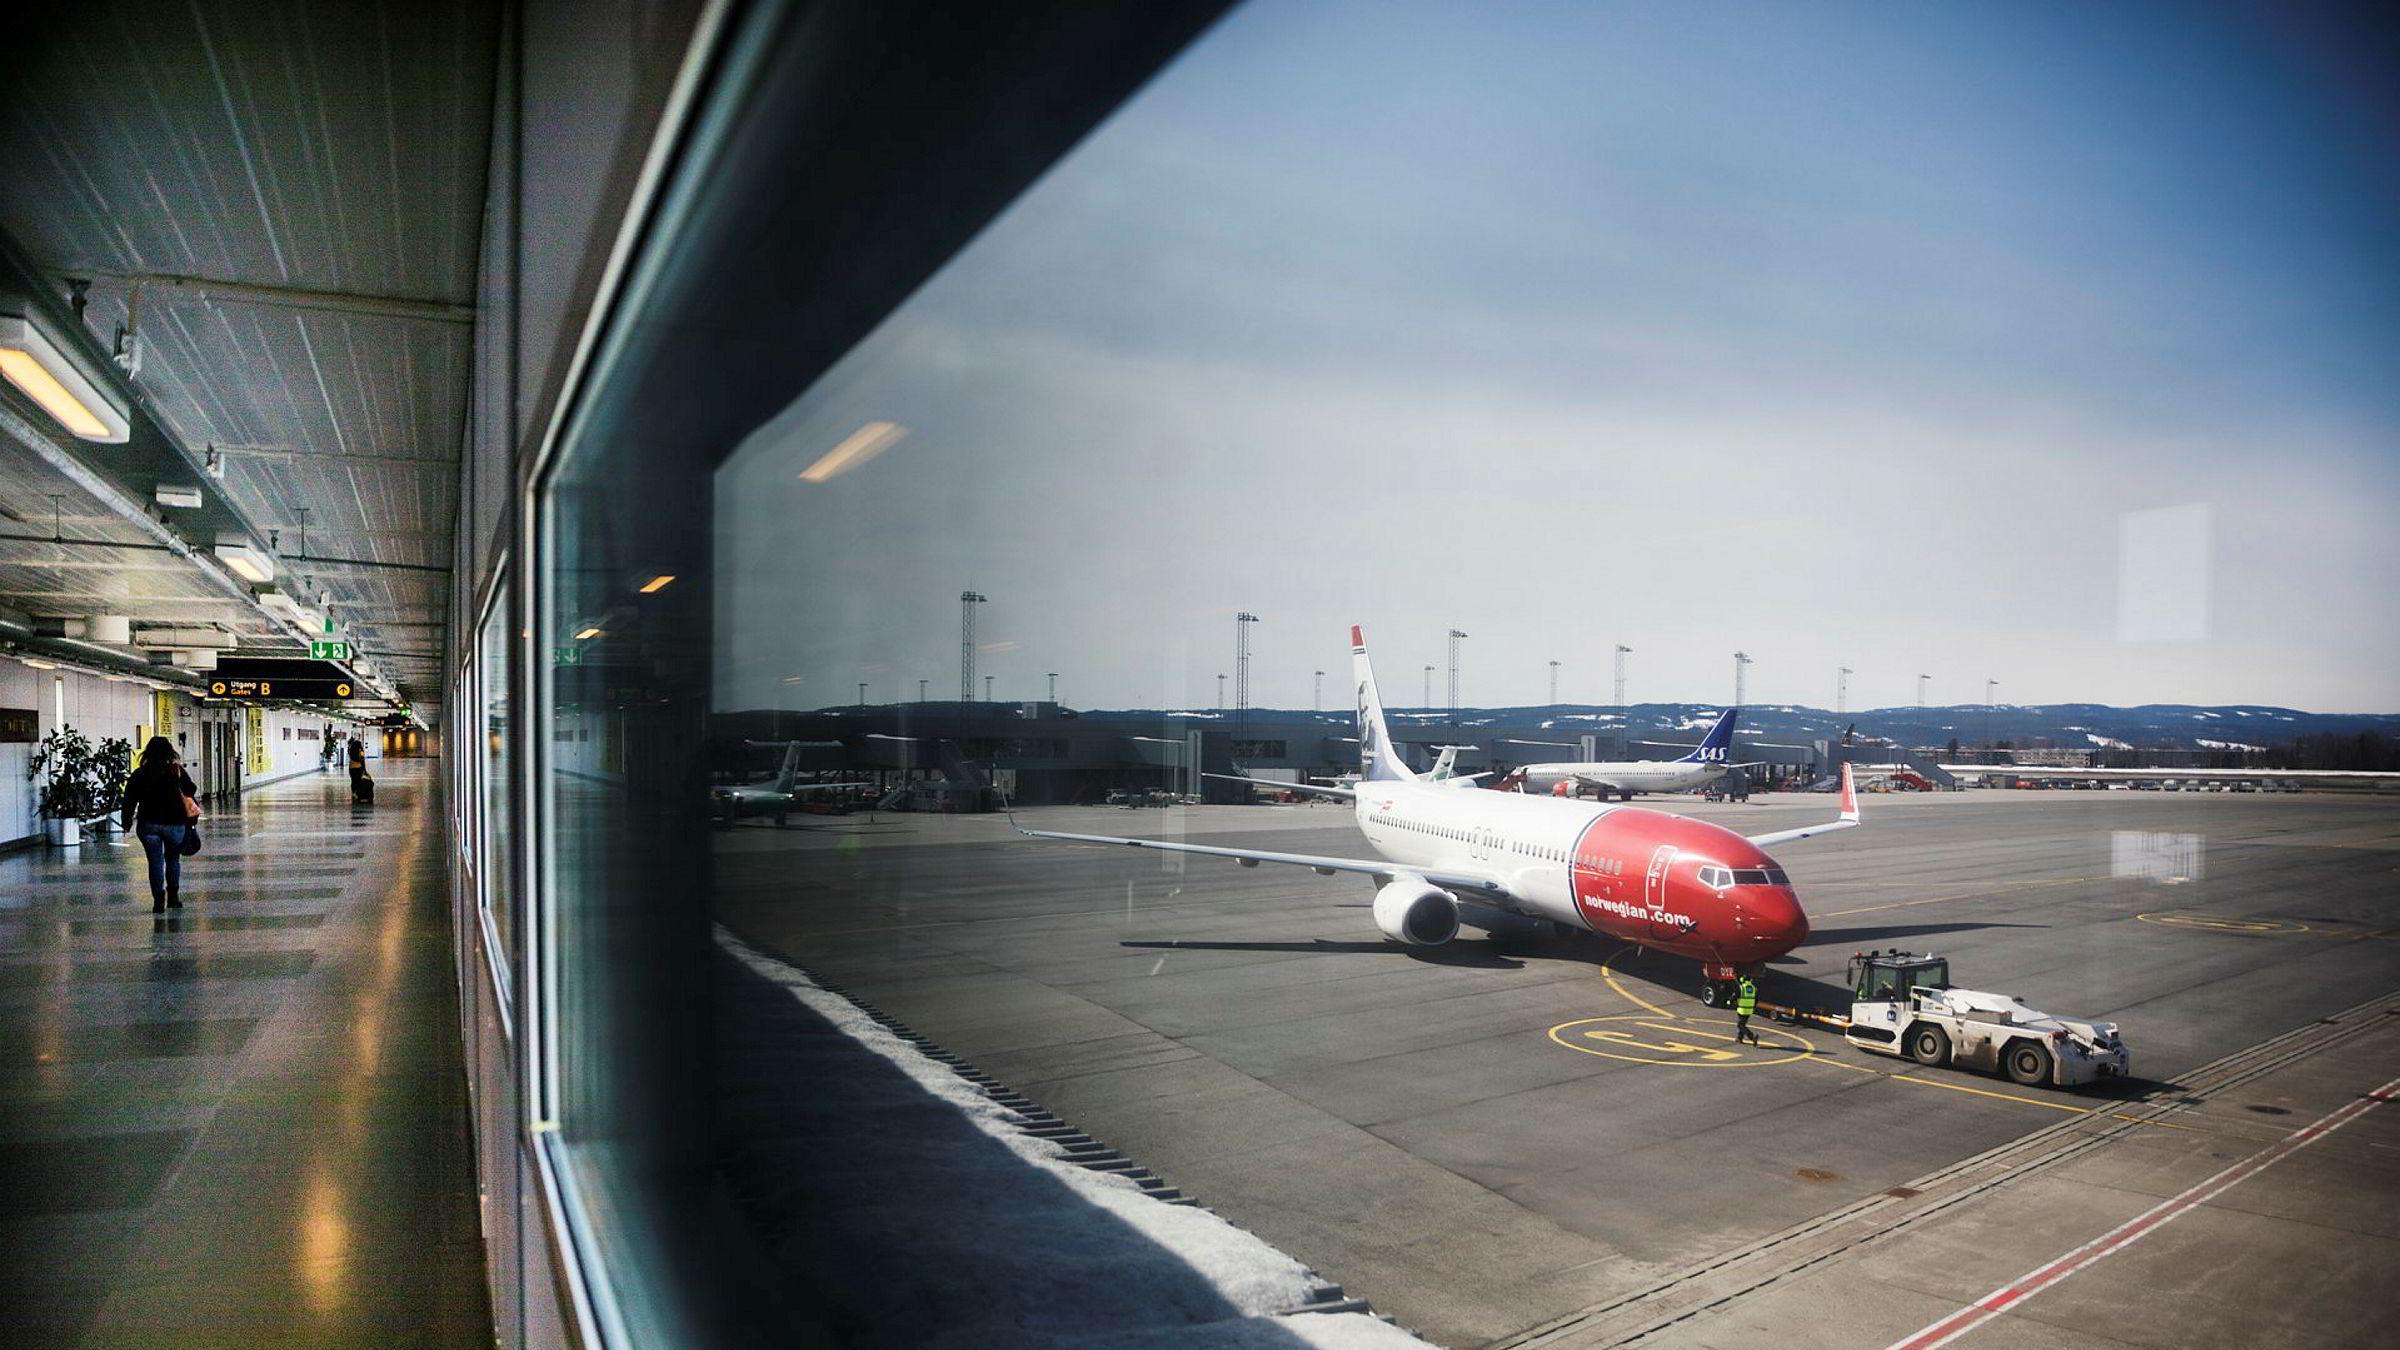 British Airways-eieren IAG vurdere å legge inn et bud på flyselskapet Norwegian. Det bekrefter IAG i en pressemelding.